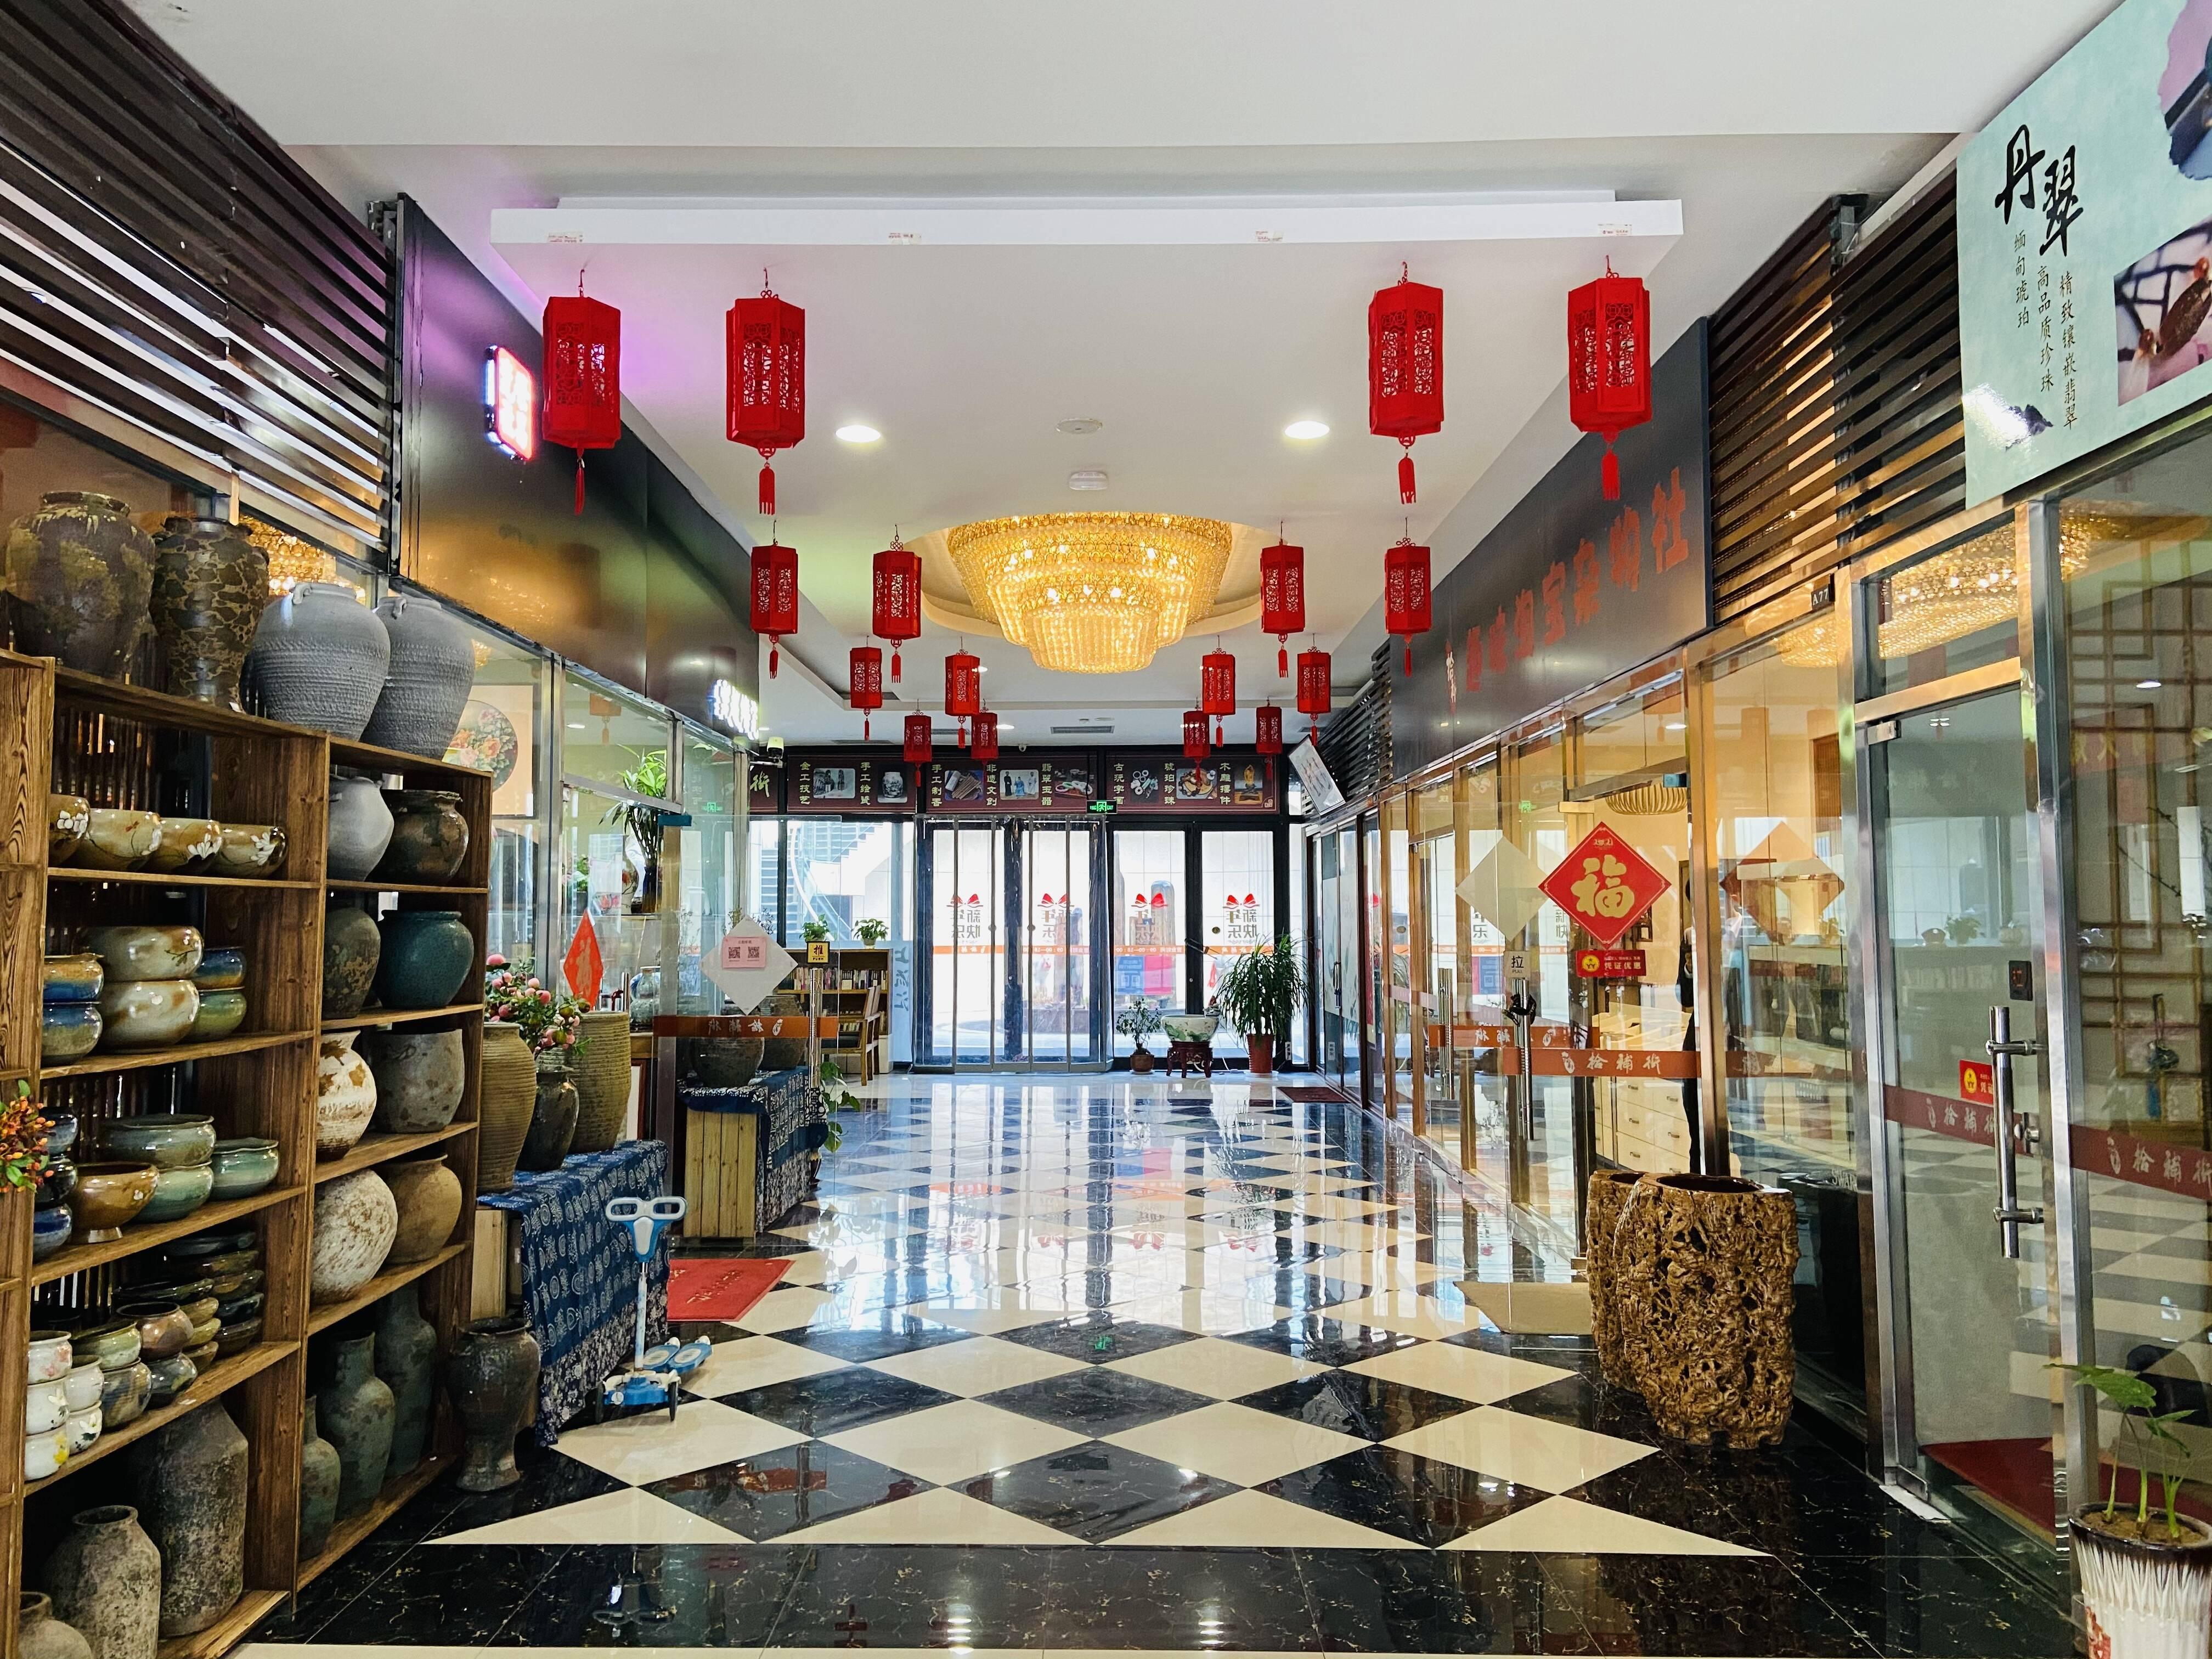 """""""拾补街是一条艺术交流、文化体验、收藏鉴赏的时尚特色街区。记者 丁霞 摄"""